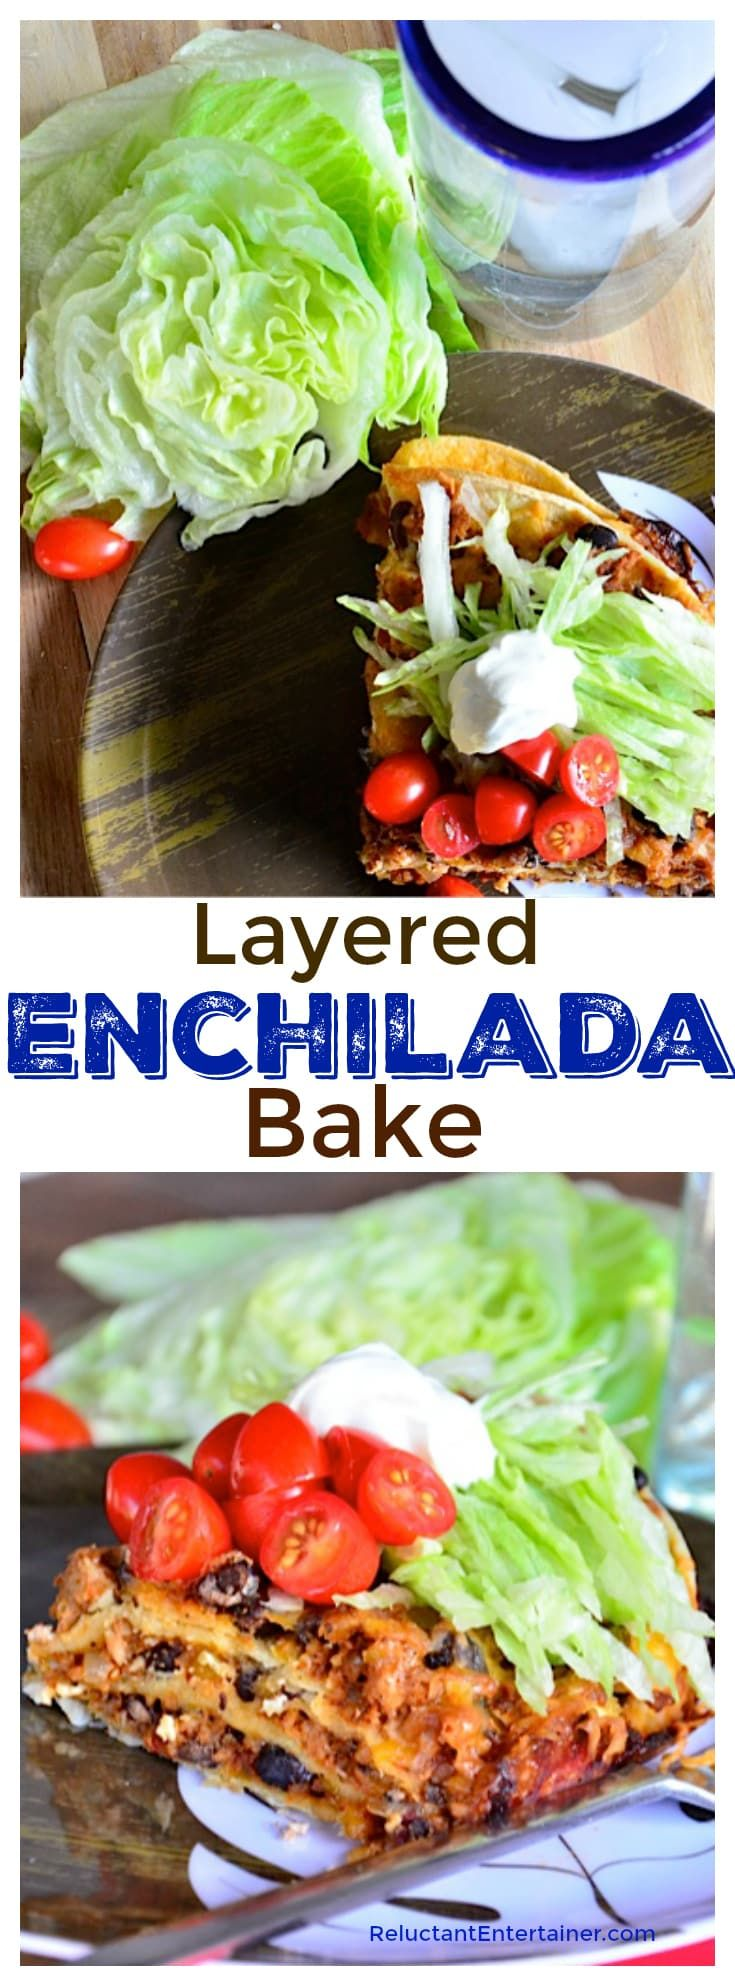 Layered Enchilada Bake Recipe